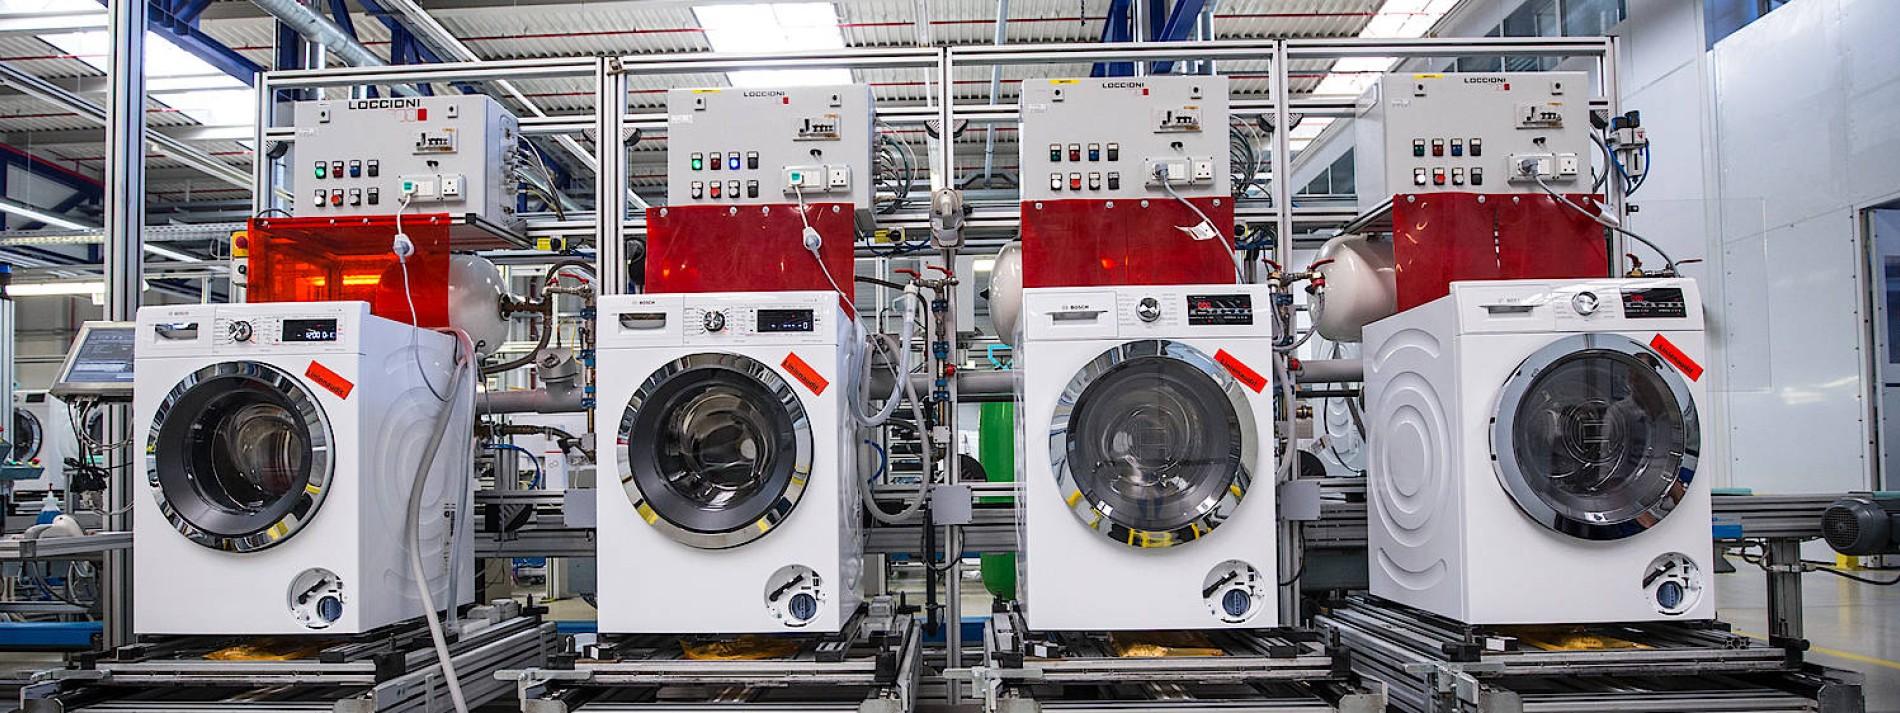 Waschmaschine ab siemens weichspüler läuft nicht Weichspüler läuft